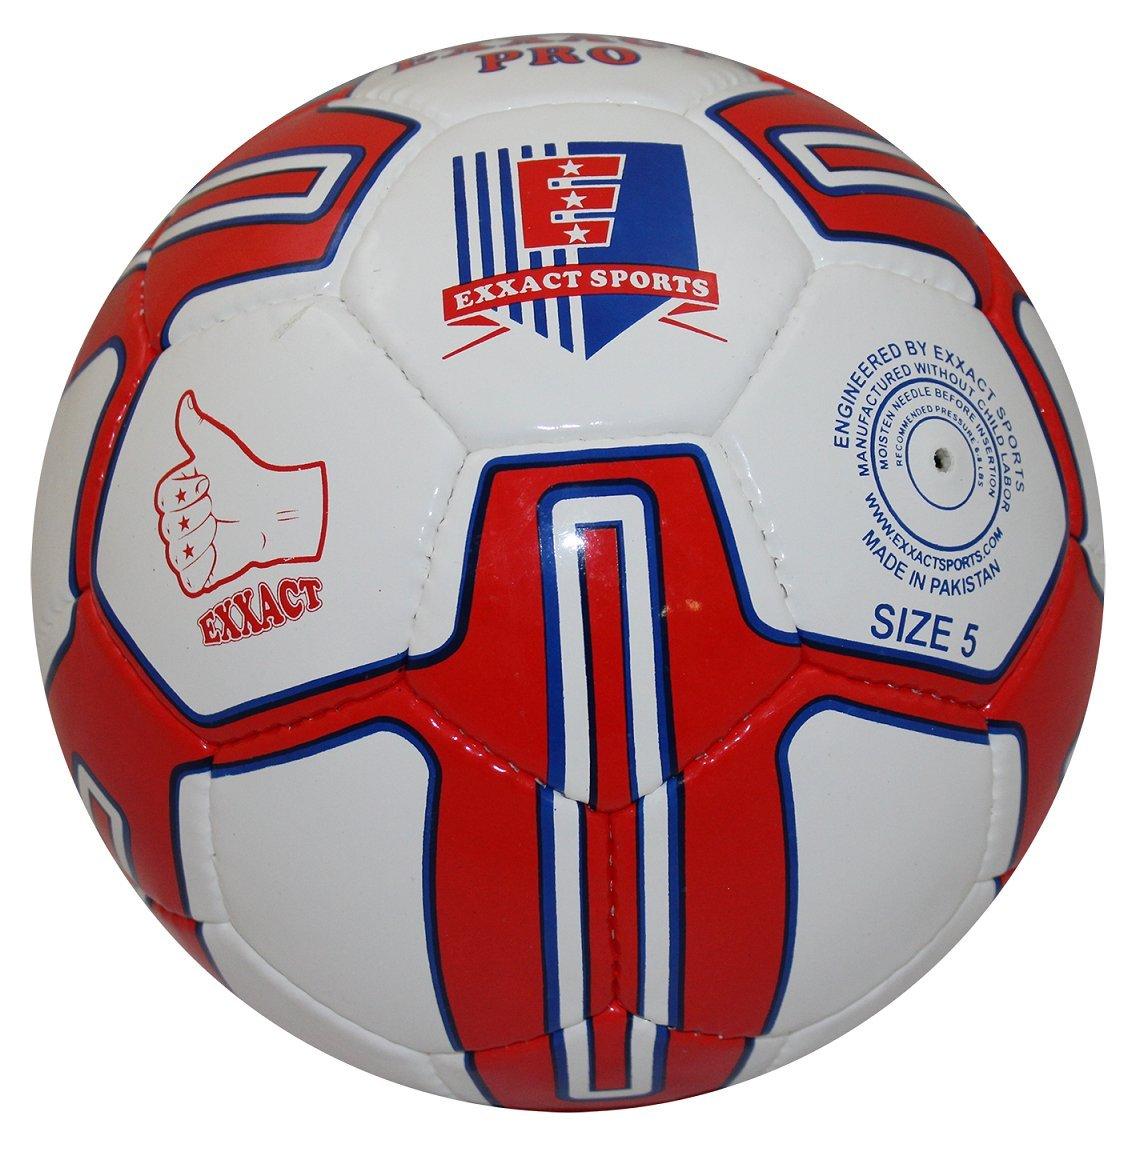 Exxact Pro Hand Stitchサッカートレーニングボール& Matchボール B0784NNZNJレッド Size 5